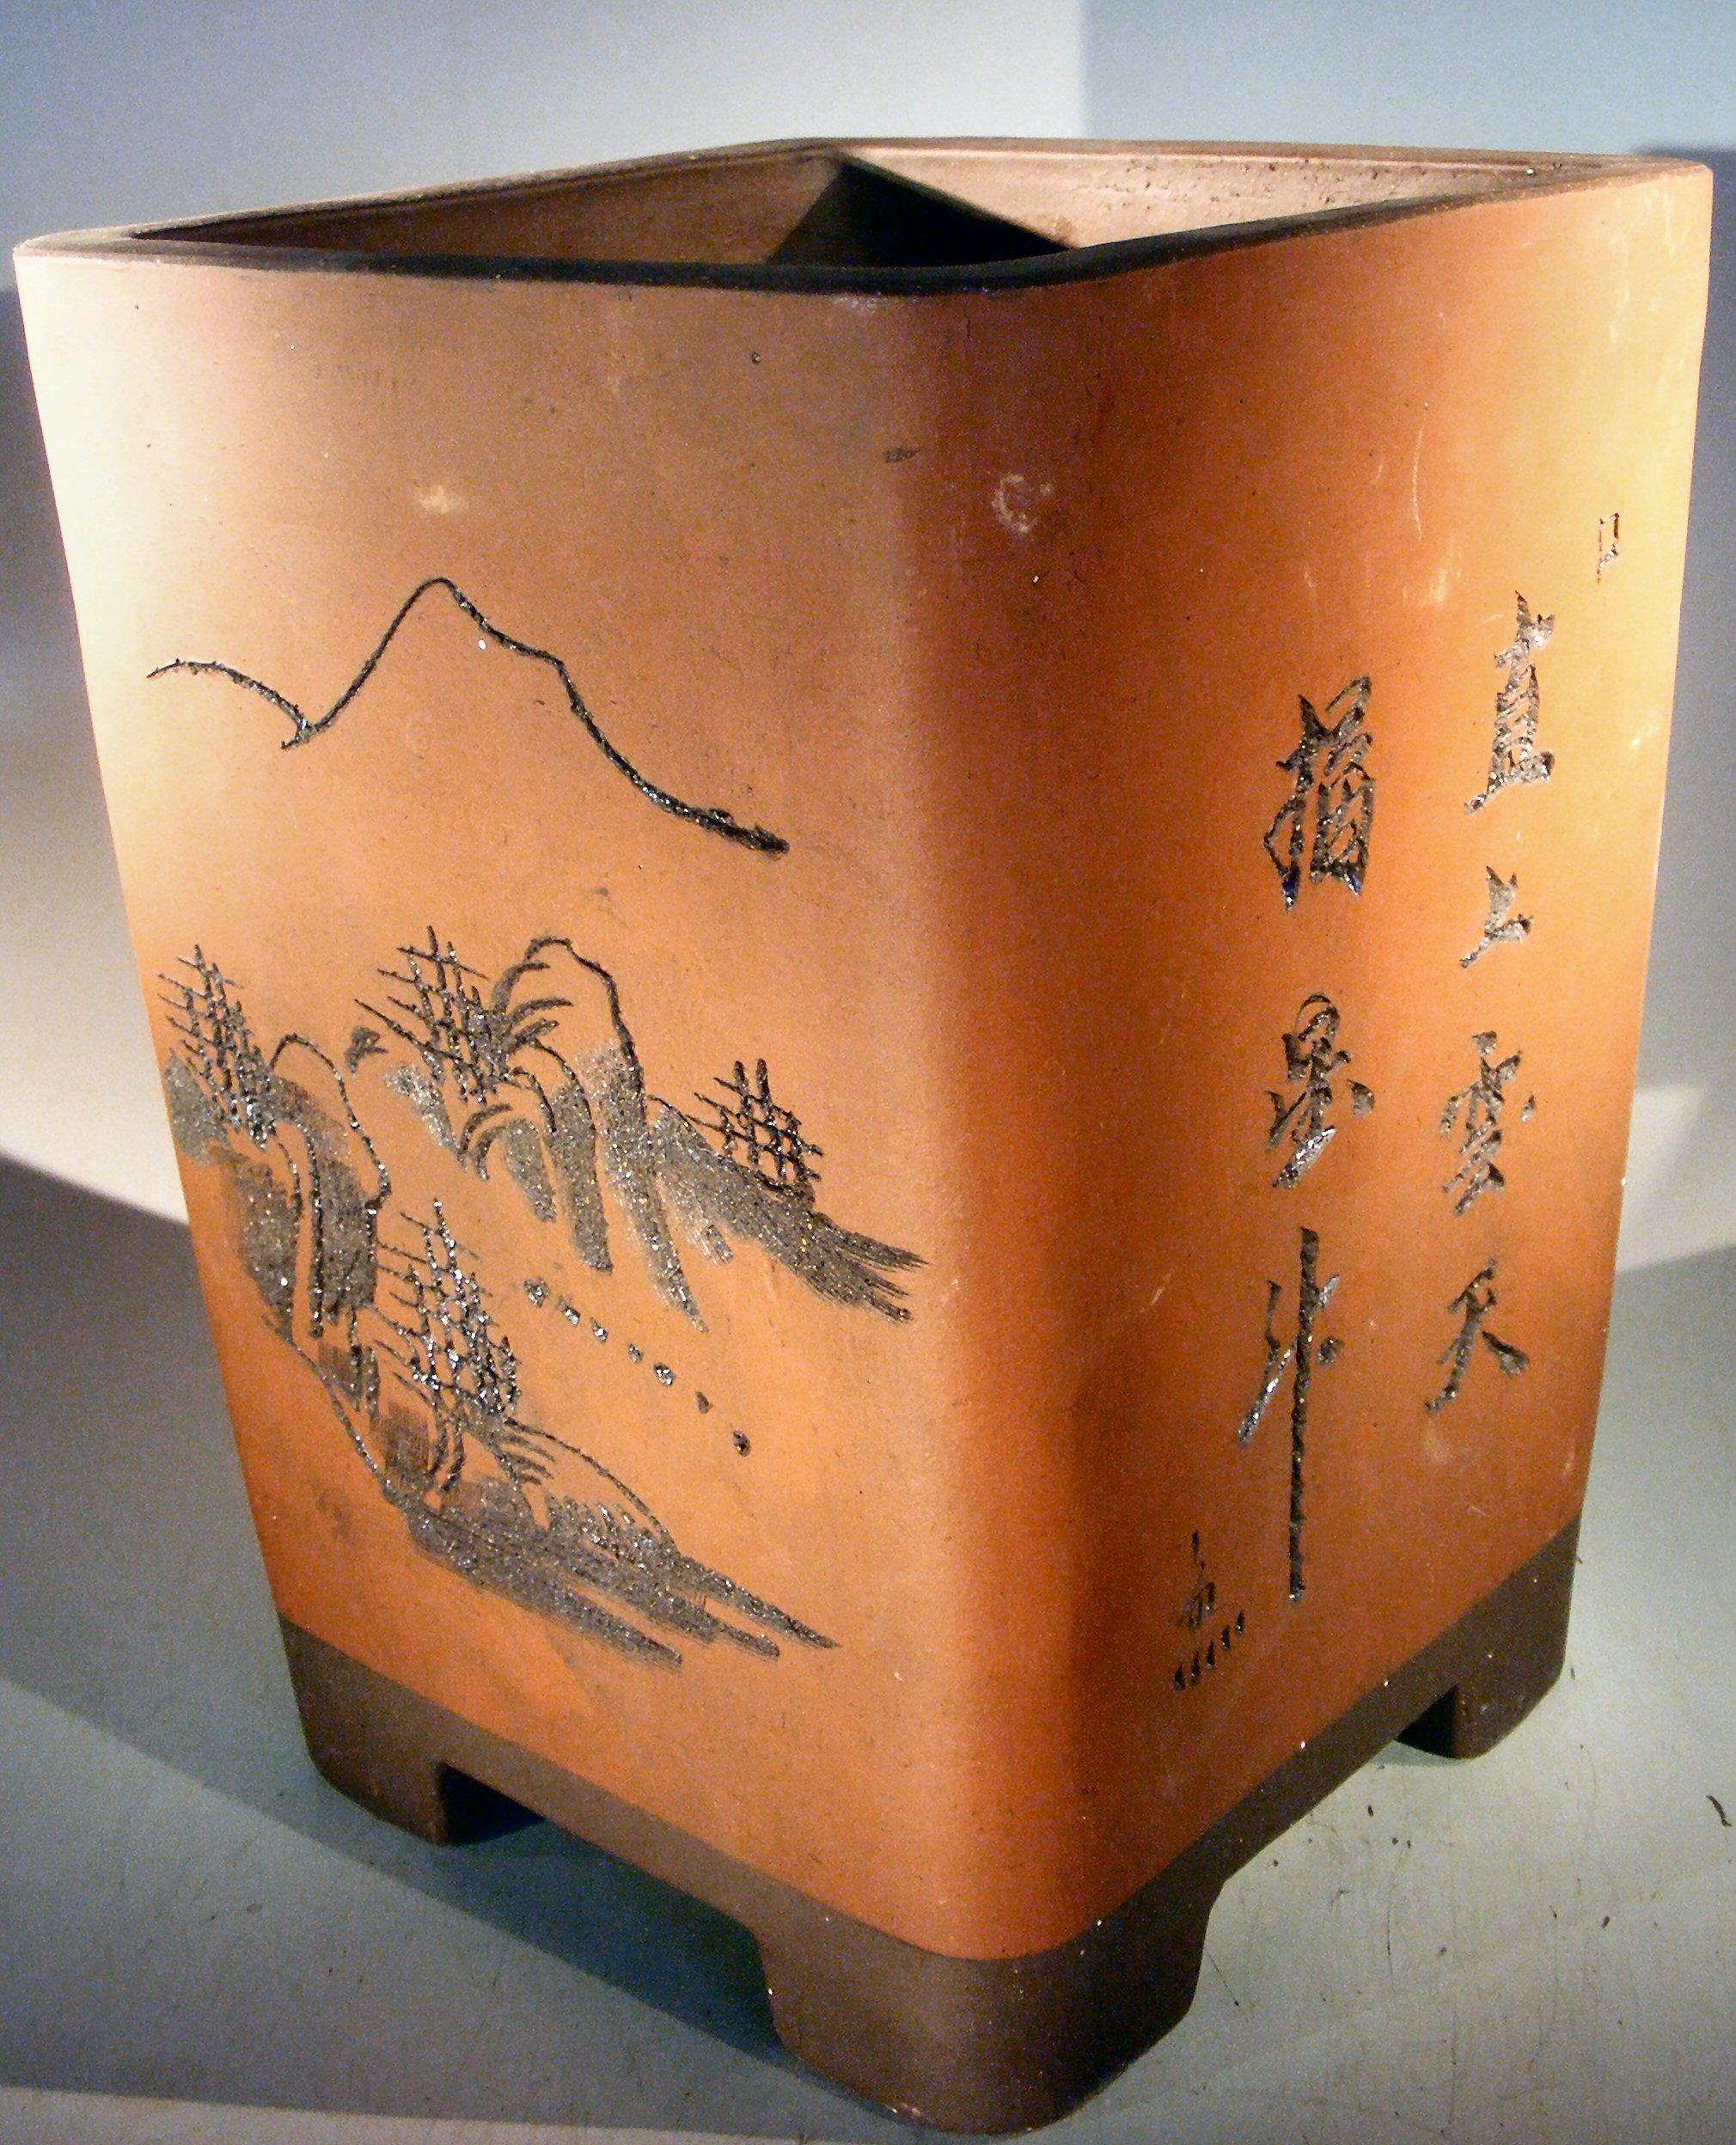 Unglazed Cascade Bonsai Pot with Floral Etching 9 x 9 x 12.25, OD 7.5 x 7.5 x 10.5 ID Image